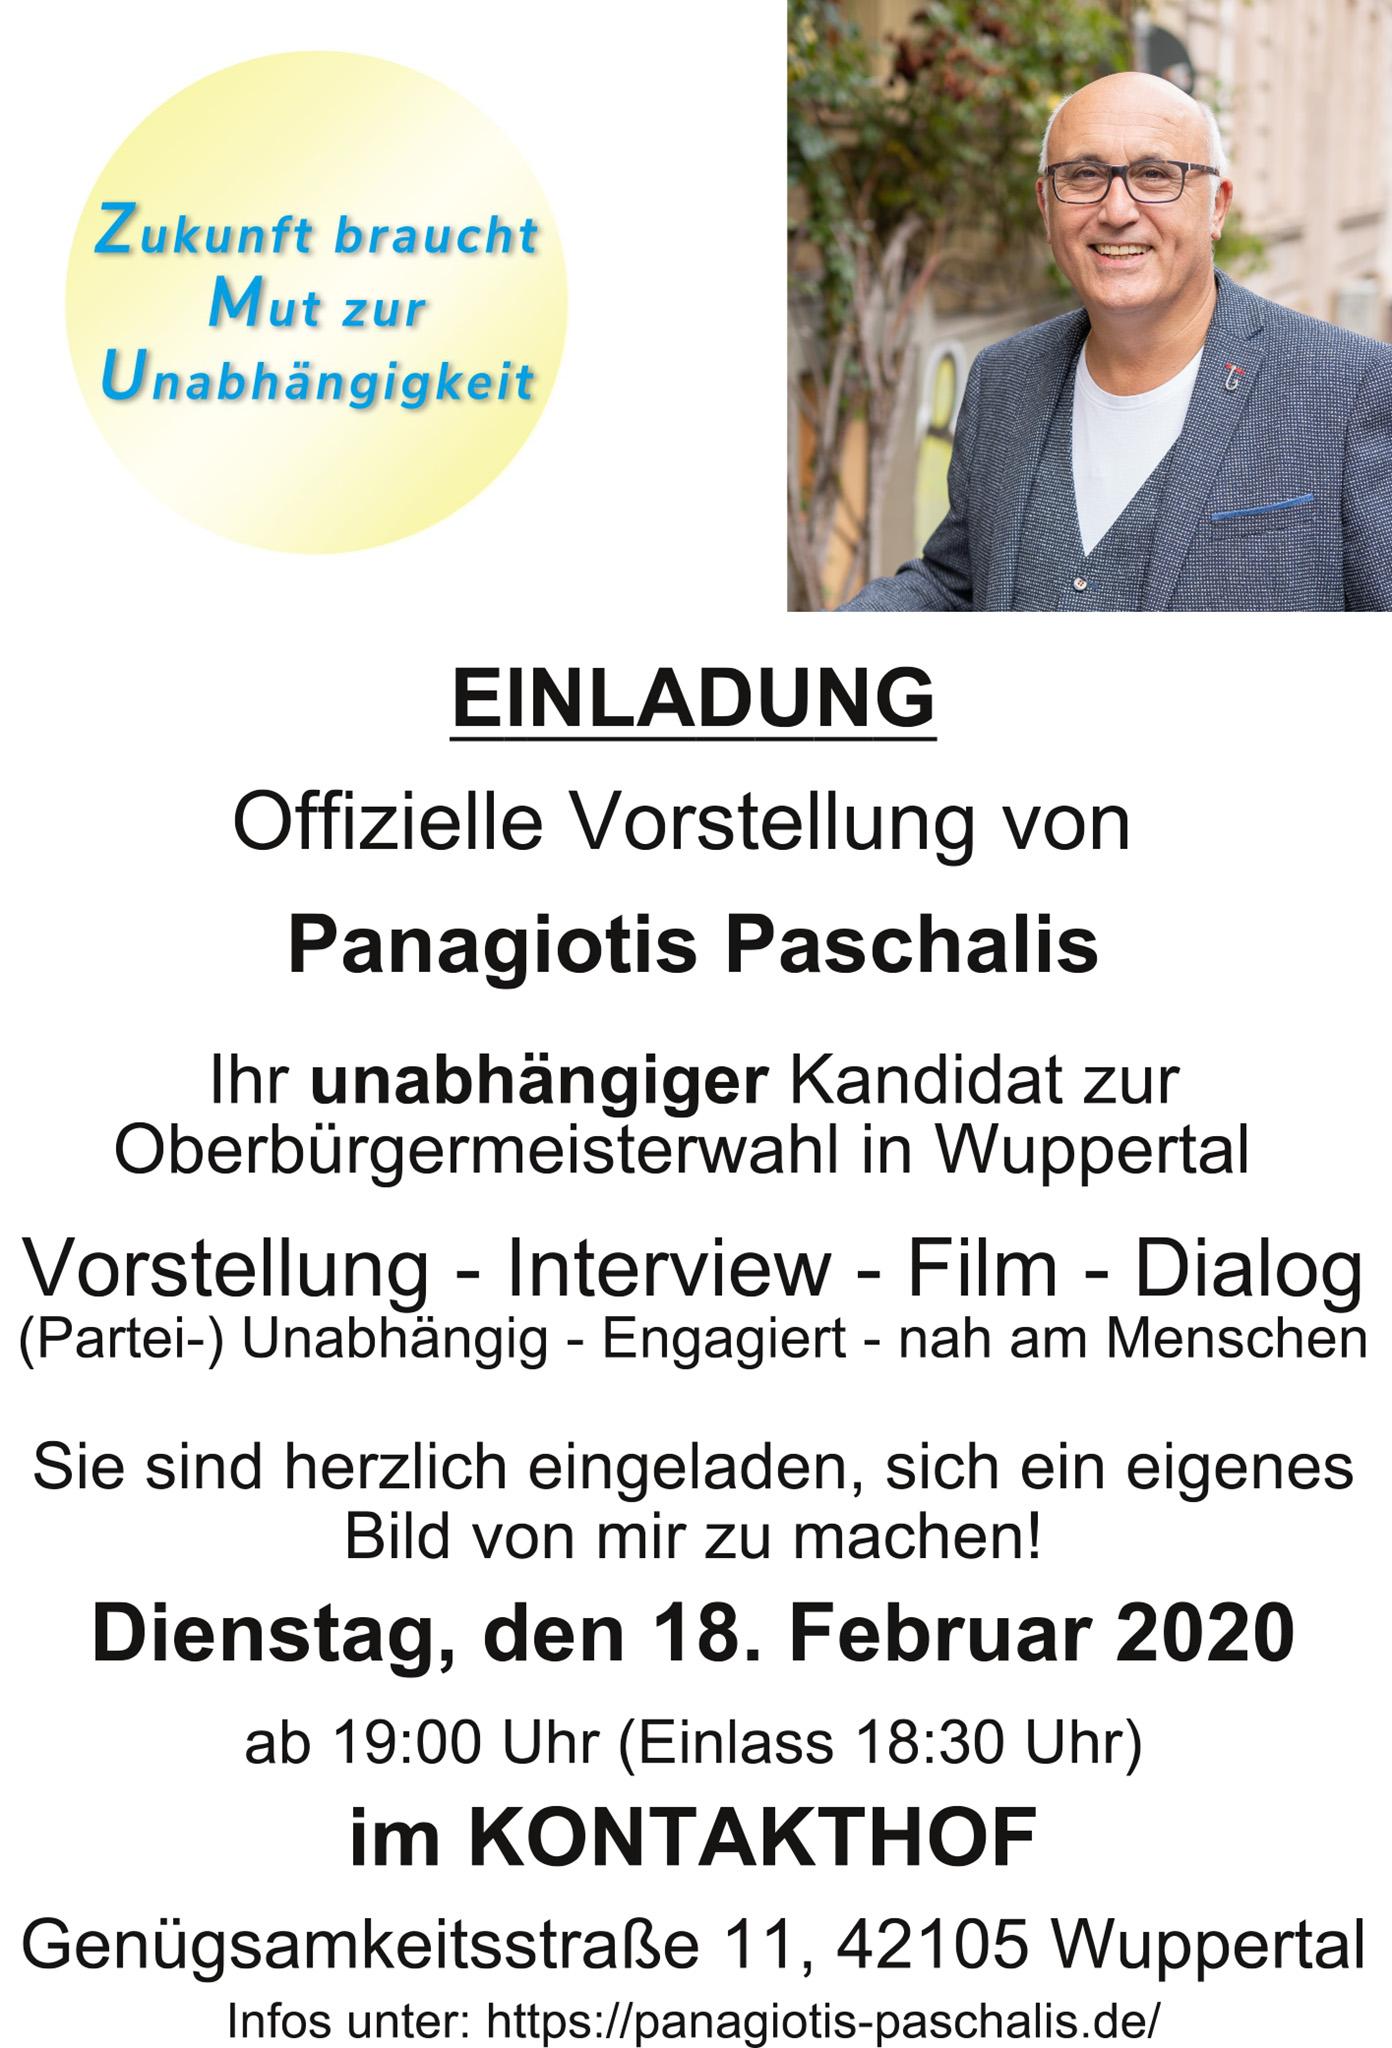 Einladung zur offiziellen Vorstellung von Panagiotis Paschalis